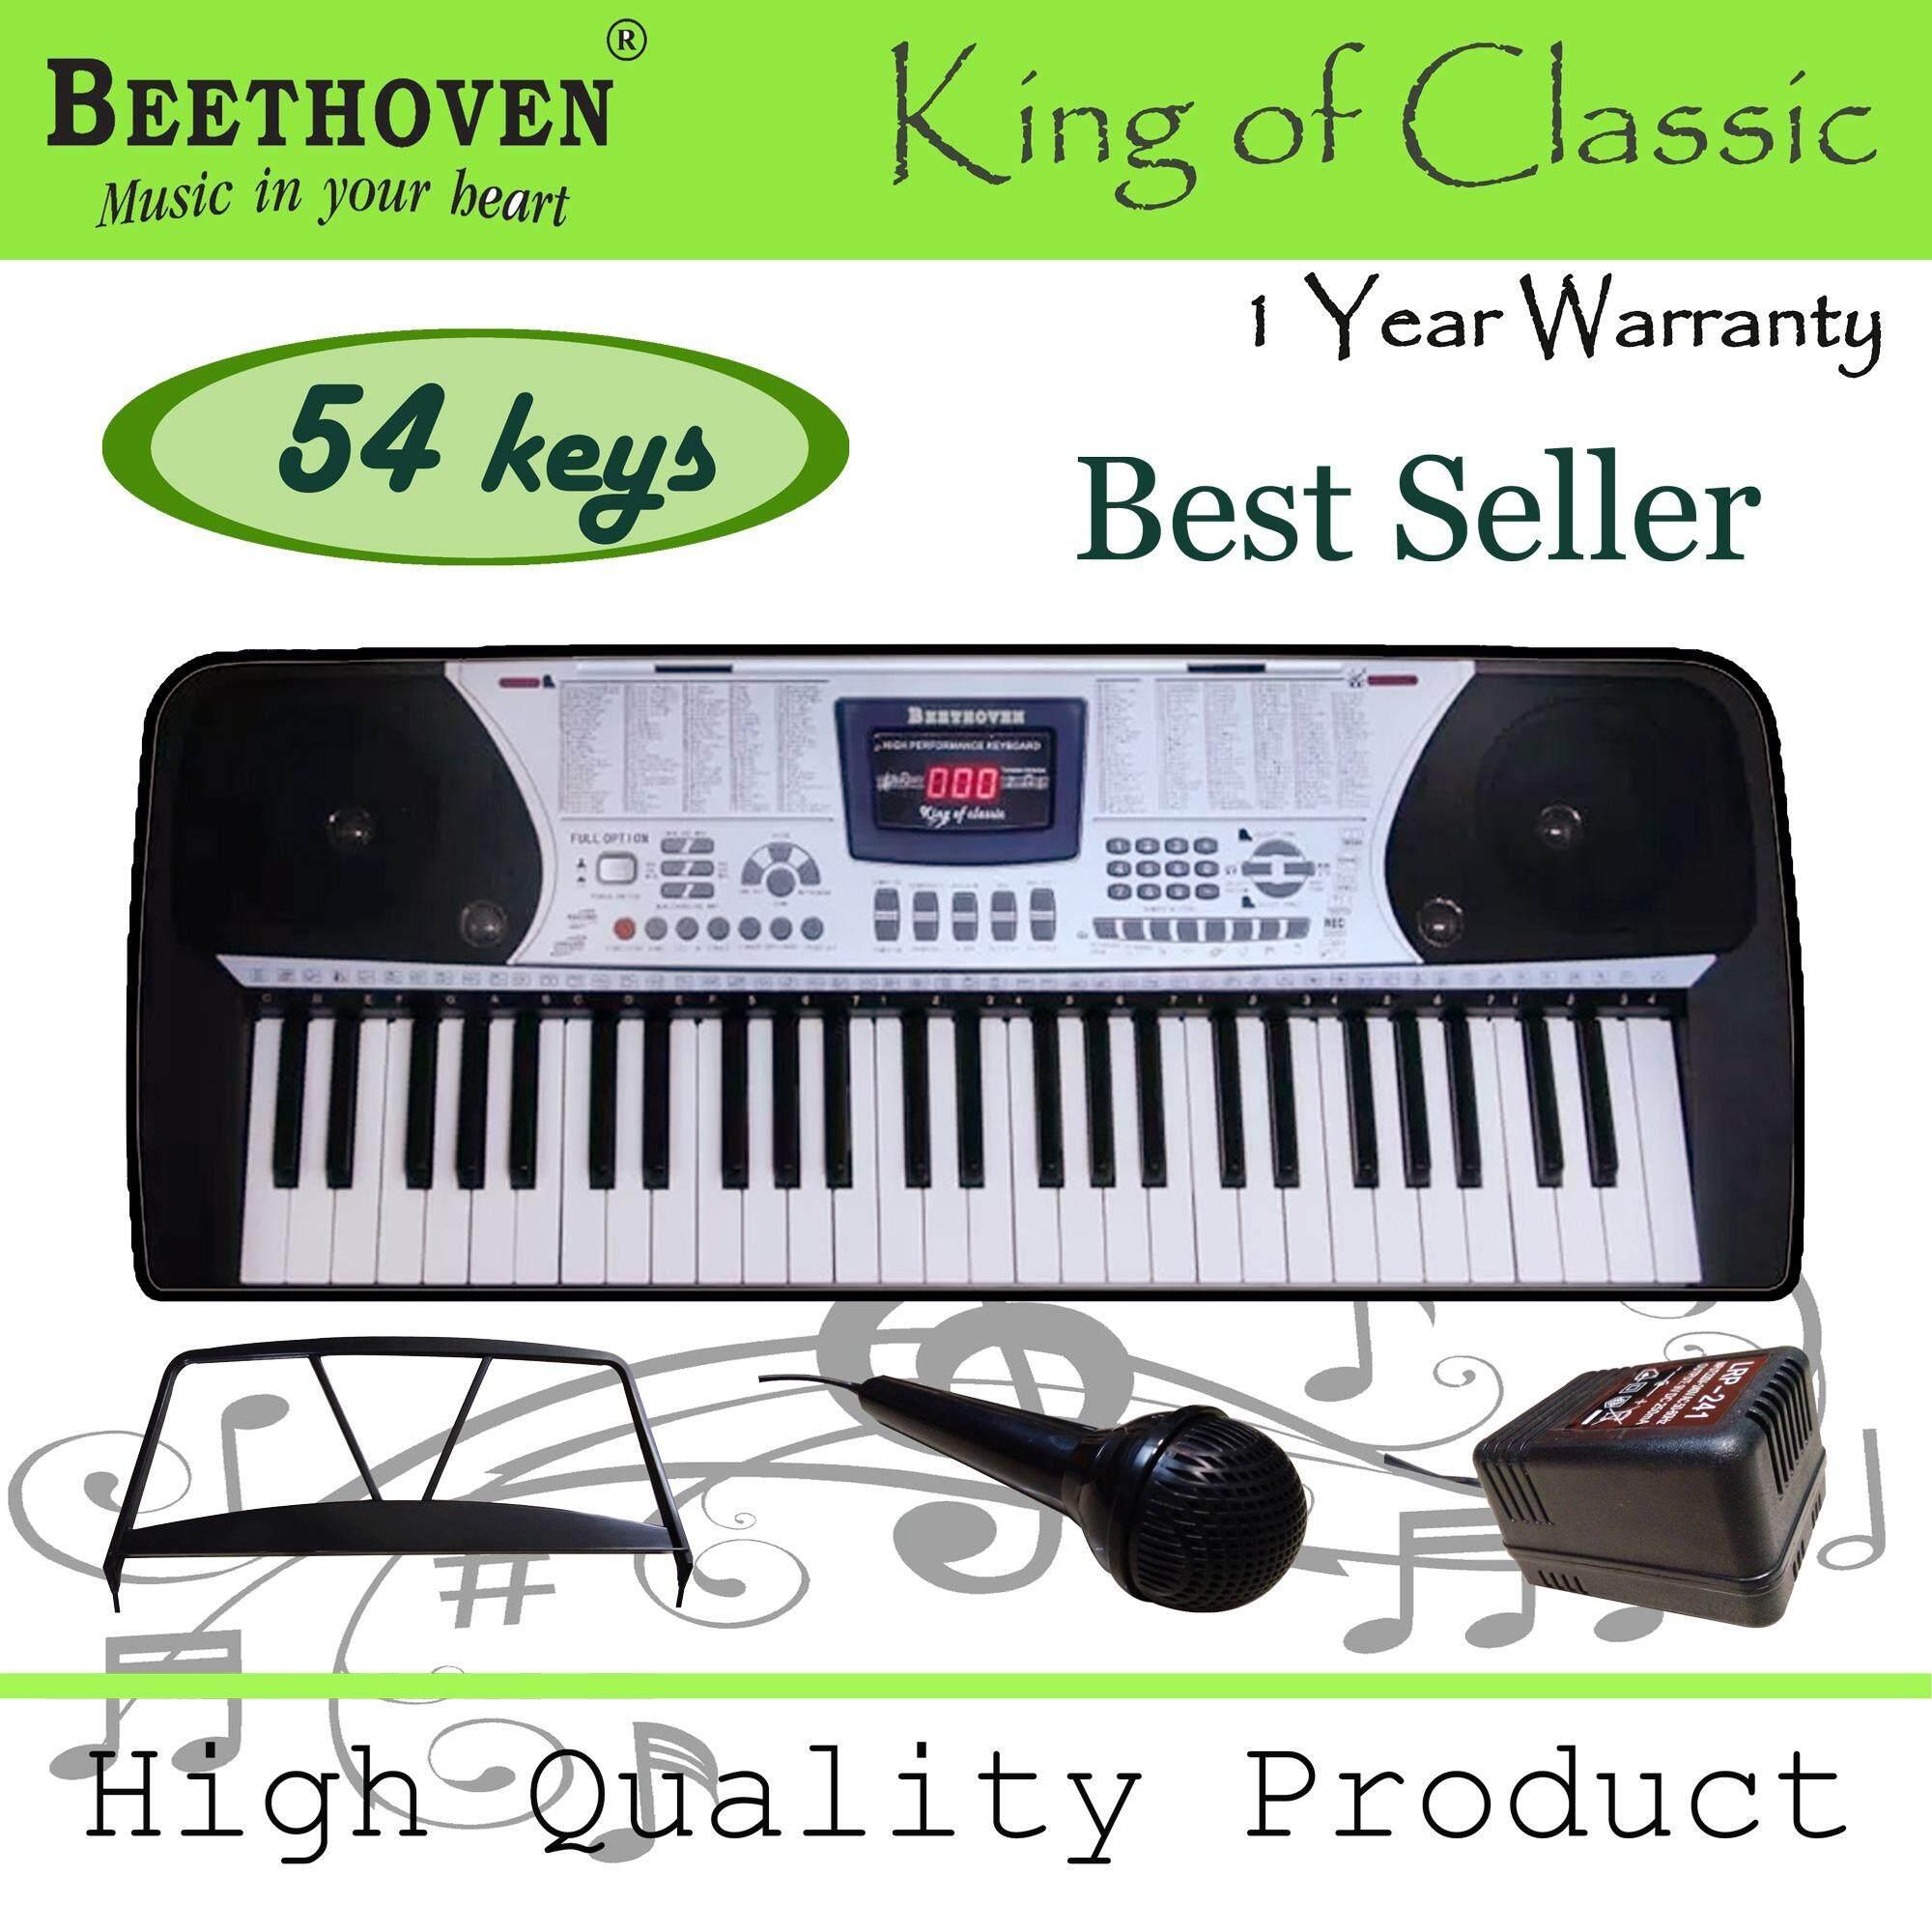 ราคา Beethoven คีย์บอร์ด 54 คีย์มาตรฐาน รุ่น King Of Classic Full Option แถมฟรี แท่นวางโน๊ต ไมค์ อแดปเตอร์ โน๊ต พร้อมรับประกัน 1 ปี ราคาถูกที่สุด